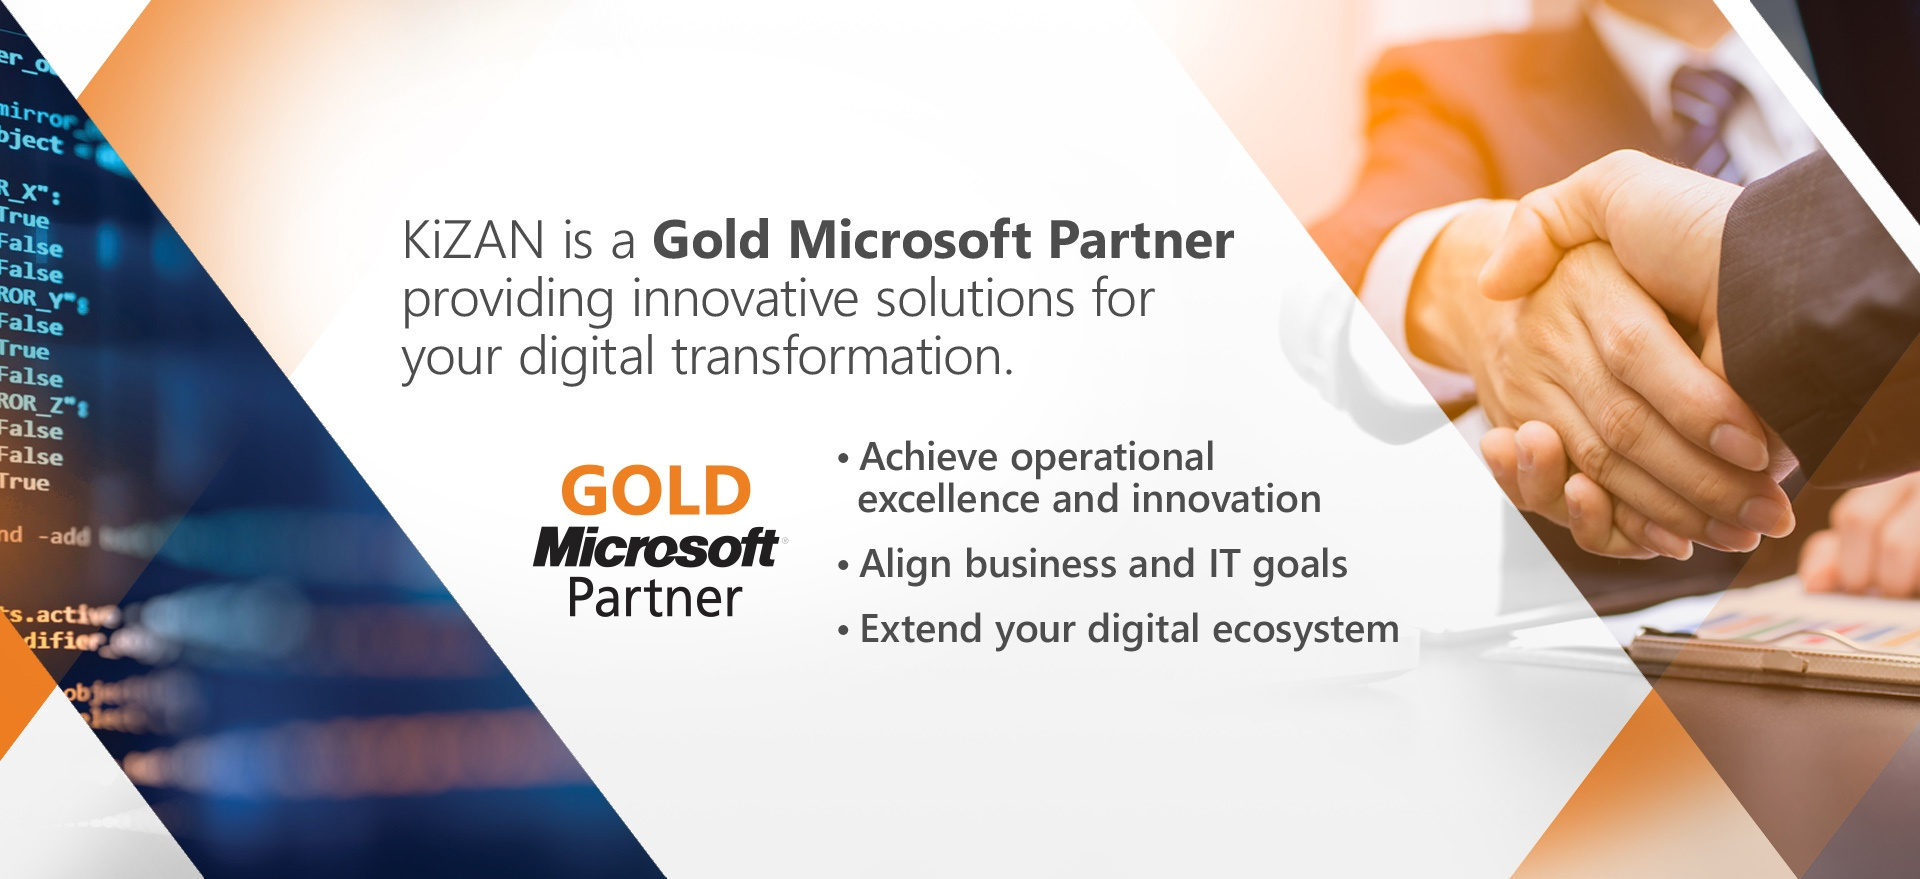 Microsoft Gold Partner - KiZAN Technologies